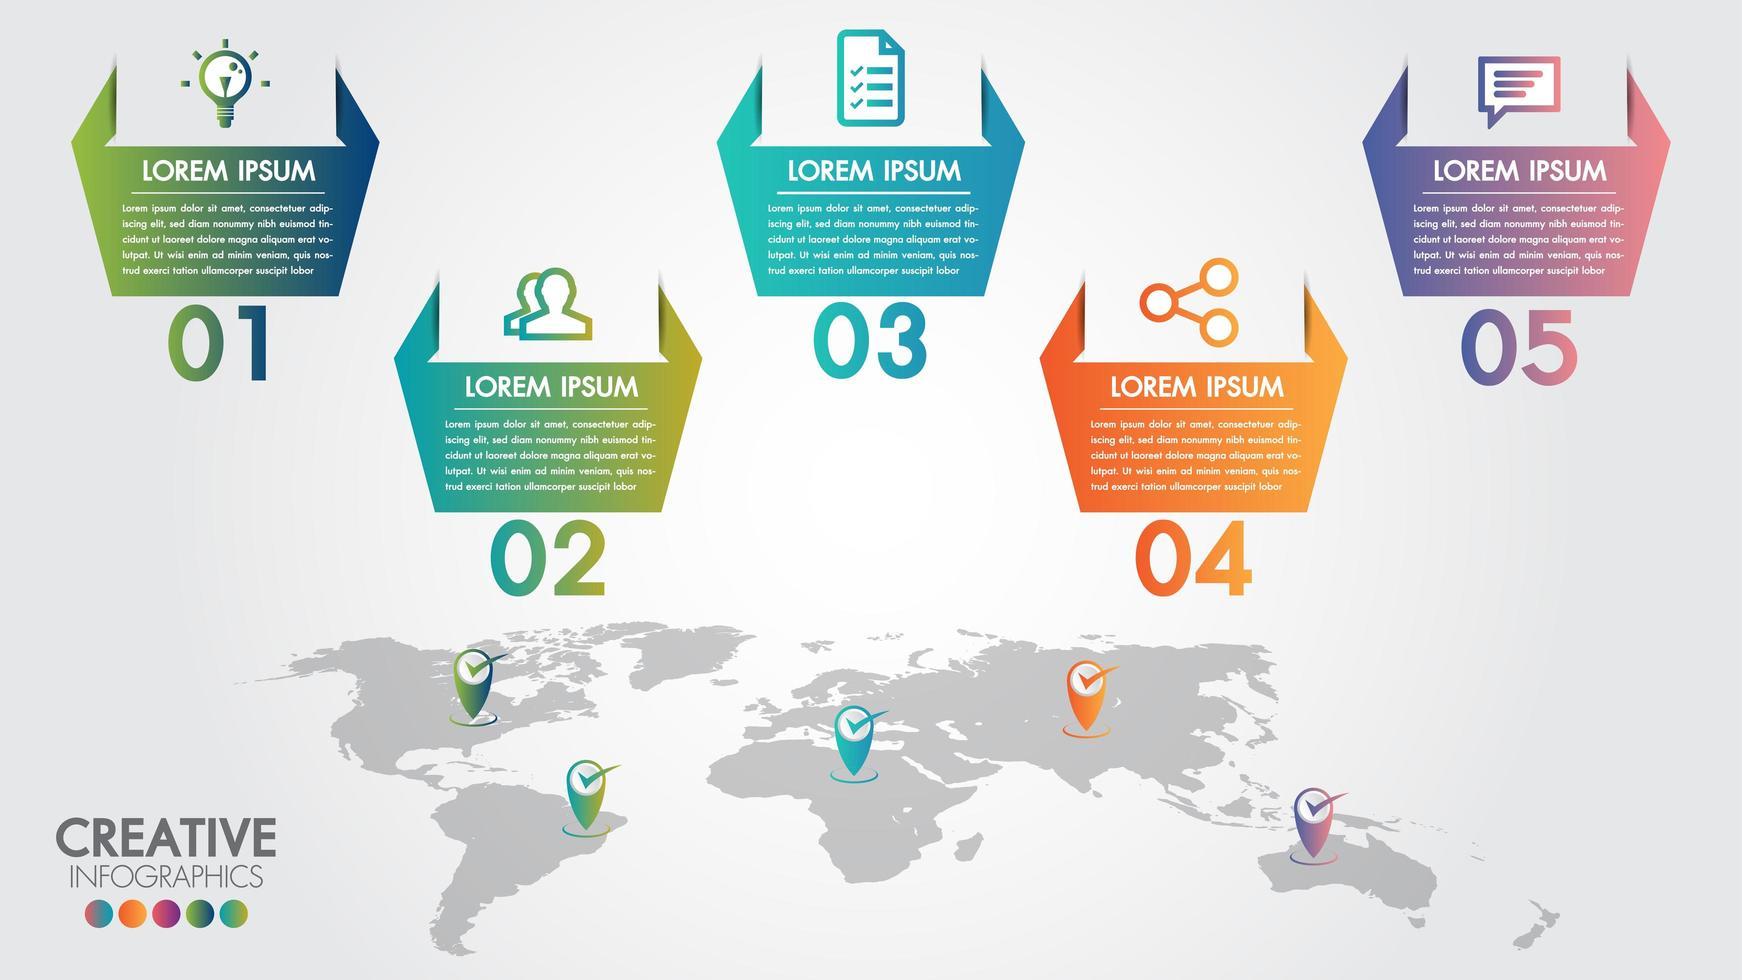 Opzioni di passaggio 5 di infographics di affari della mappa di mondo vettore